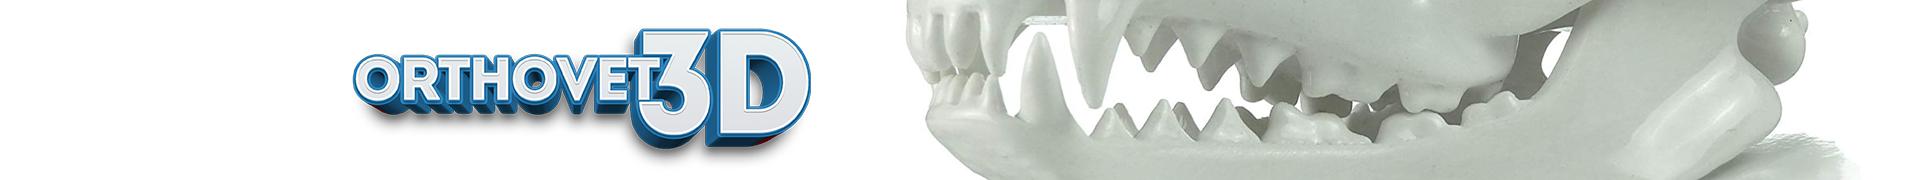 Veterinary X Ray Equipment Banner Image